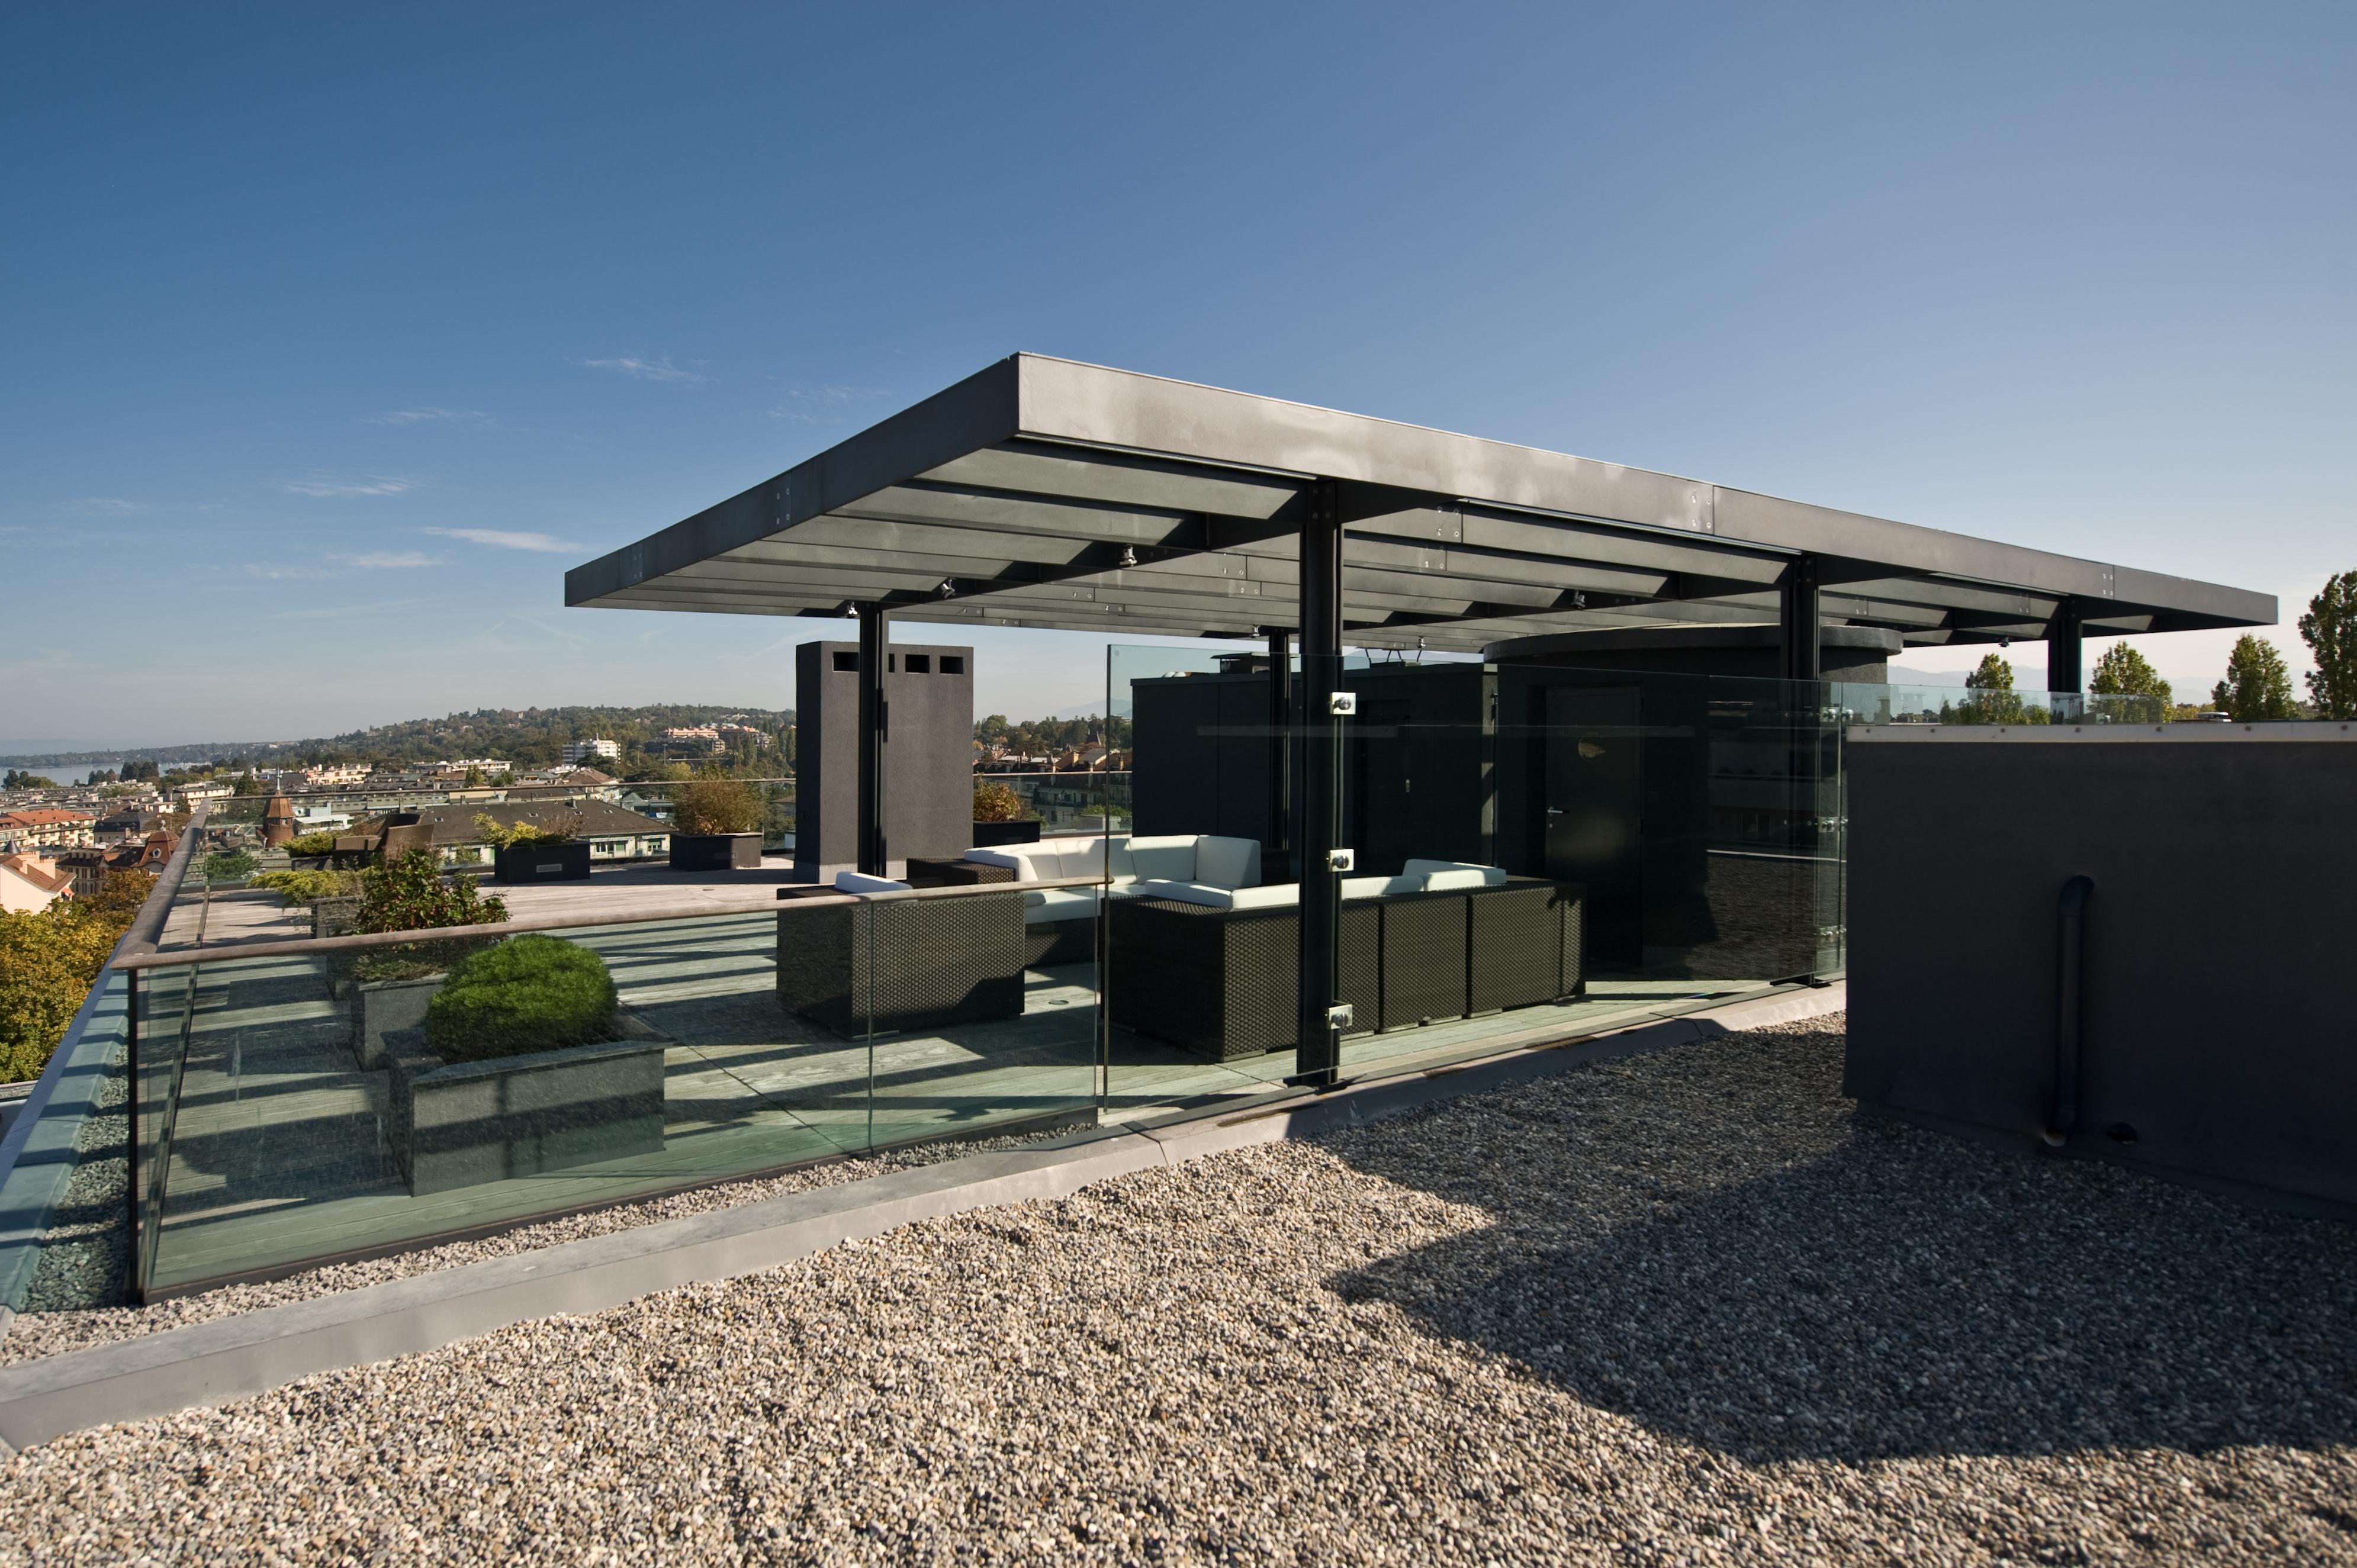 couvert amnagement de la terrasse et rfection de lexistant surface brute de plancher m2 220 ralisation 2008 publication